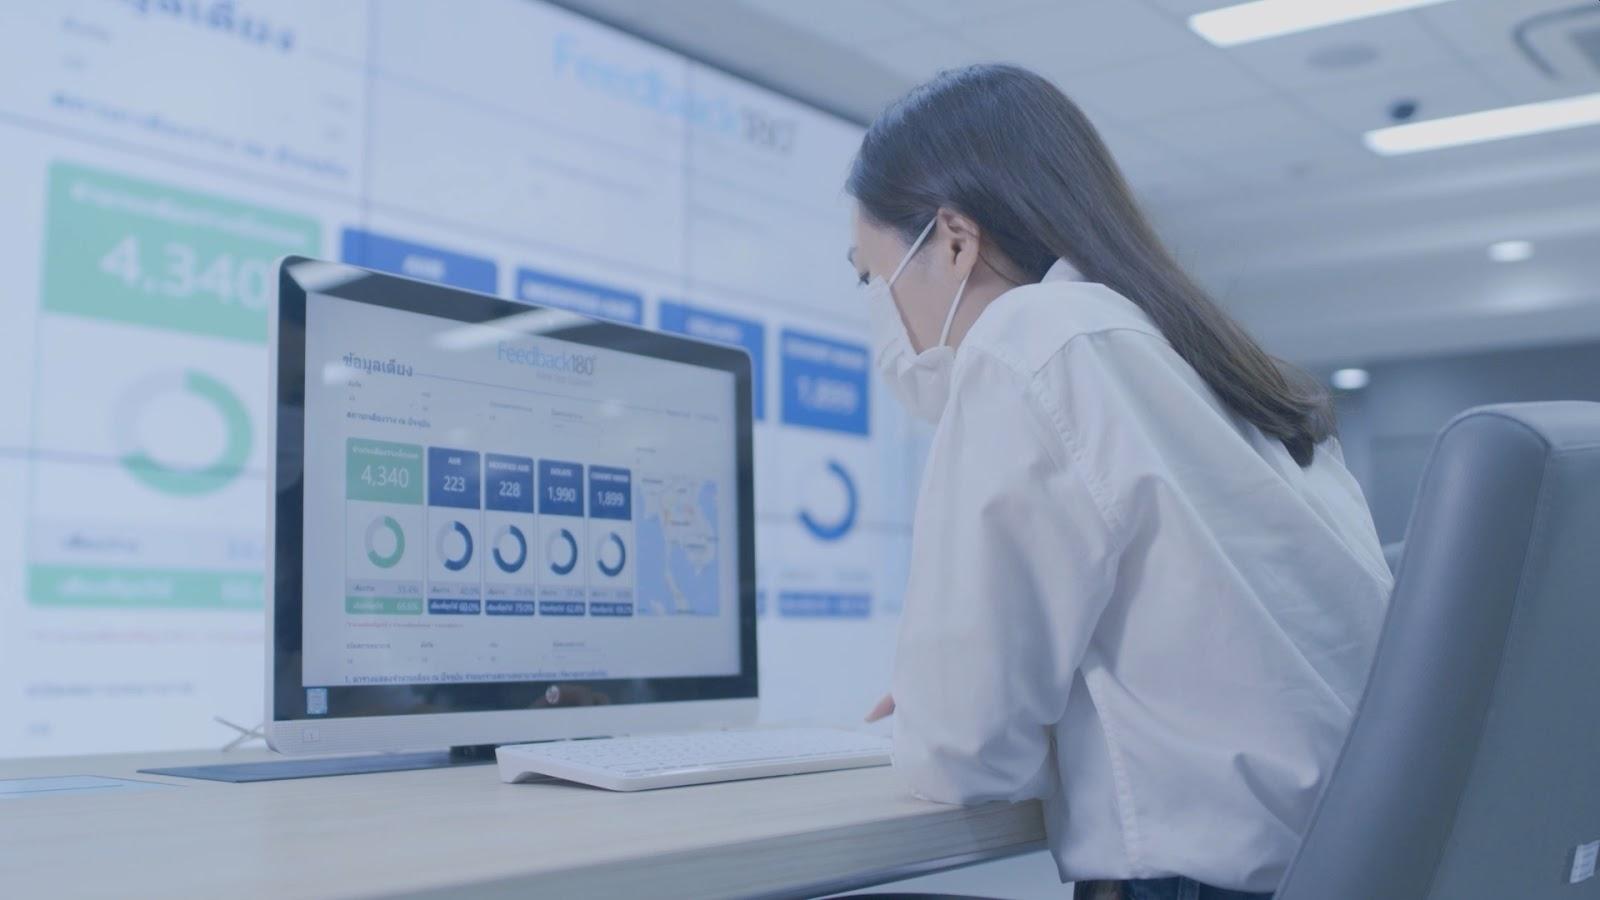 กระทรวงสาธารณสุขร่วมมือกับ Microsoft และสตาร์ทอัพไทย Feedback180 พัฒนาแพลตฟอร์มข้อมูลเพื่อจัดสรรทรัพยากรทางการแพทย์เสริมความคล่องตัวในการต้านภัยร้ายจาก Covid-19